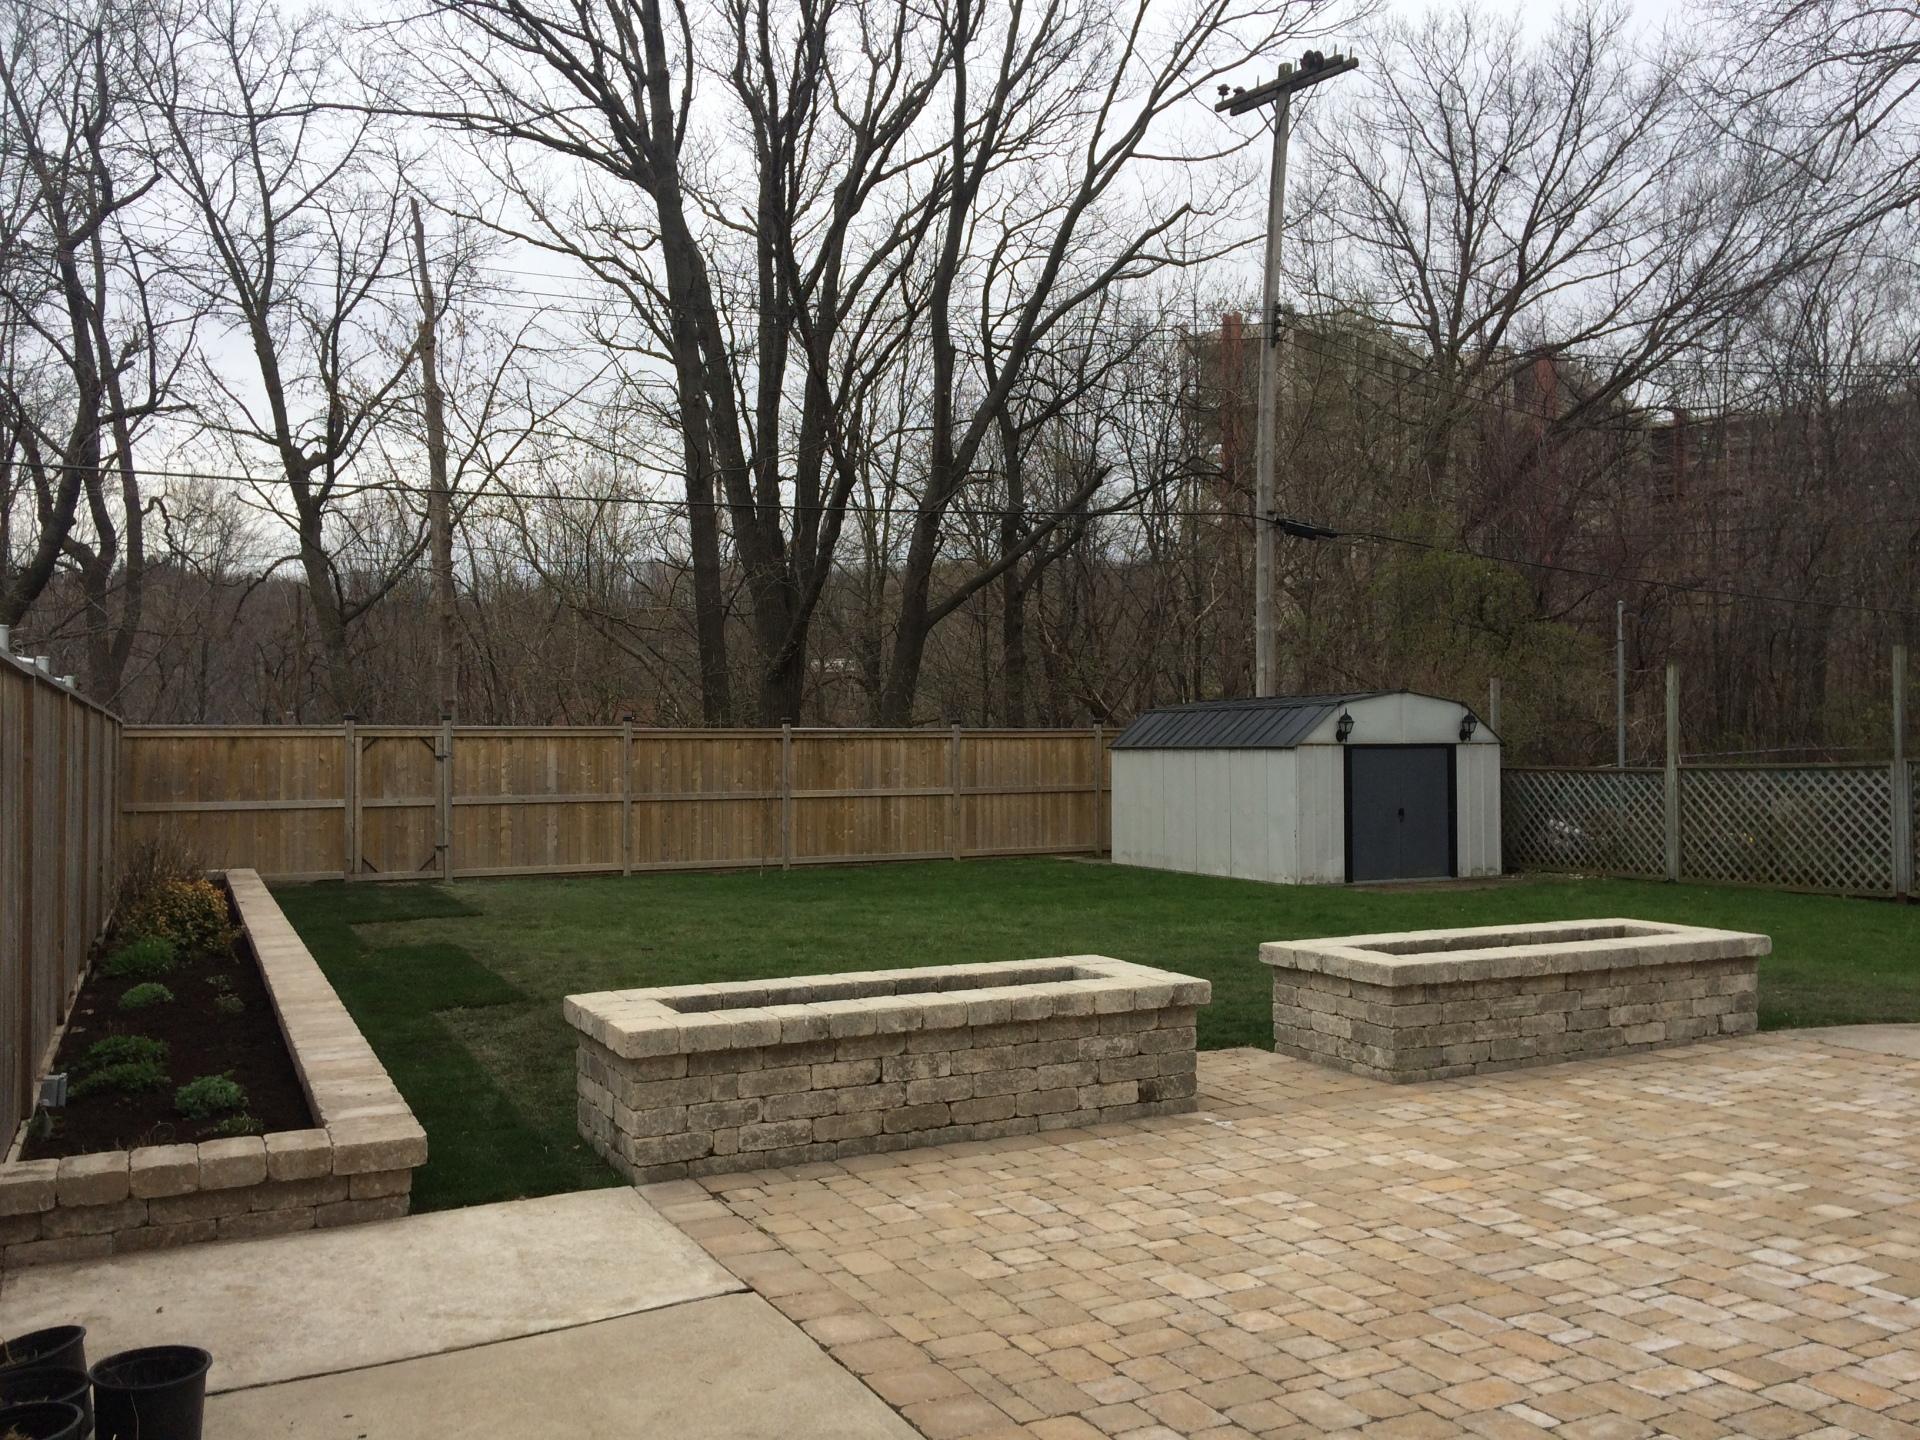 Patio & Retaining Wall Planters